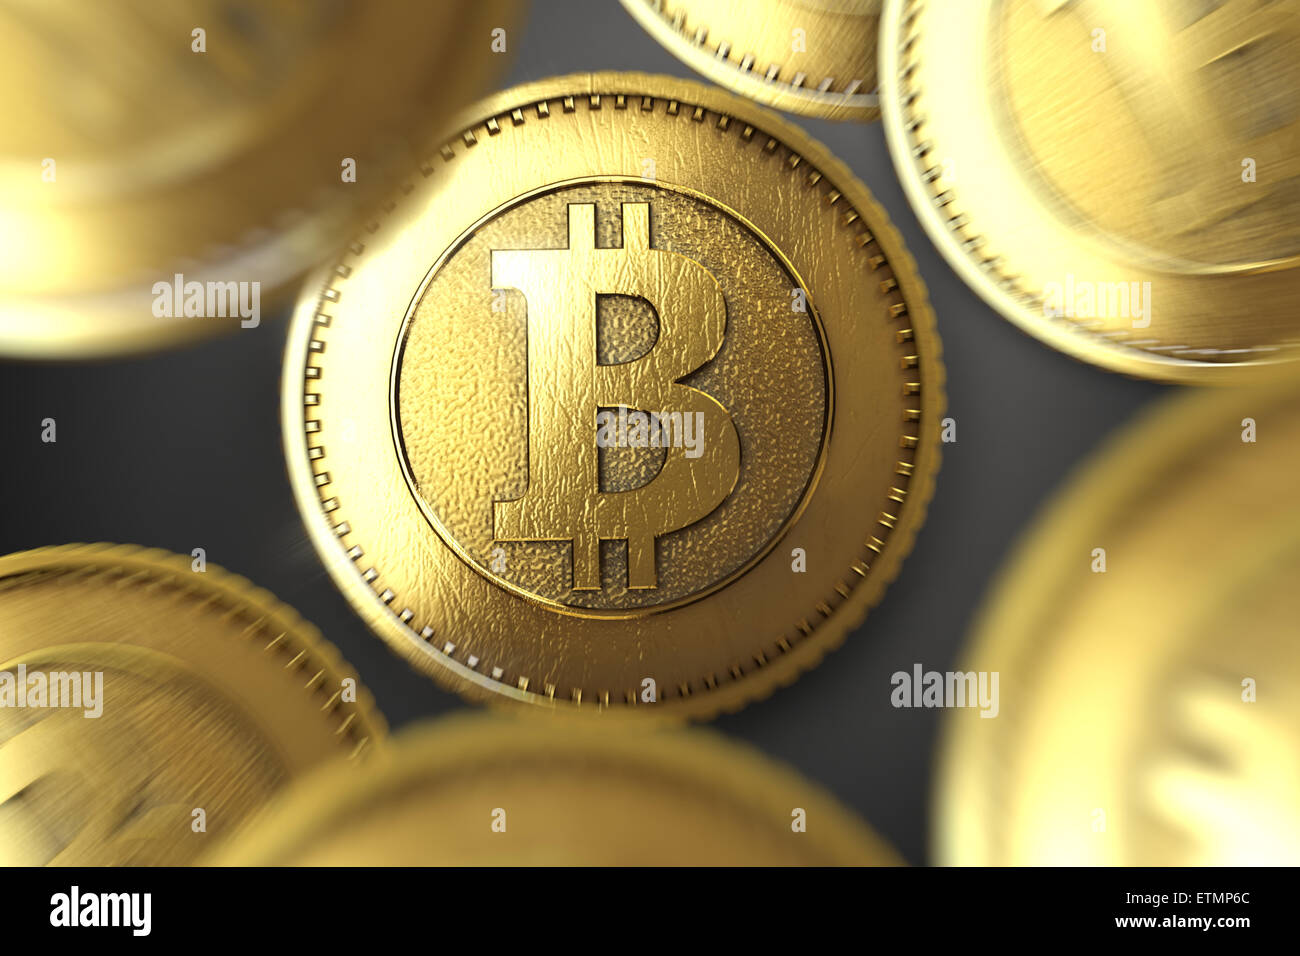 Une représentation stylisée d'un Bitcoin, la monnaie numérique. Photo Stock